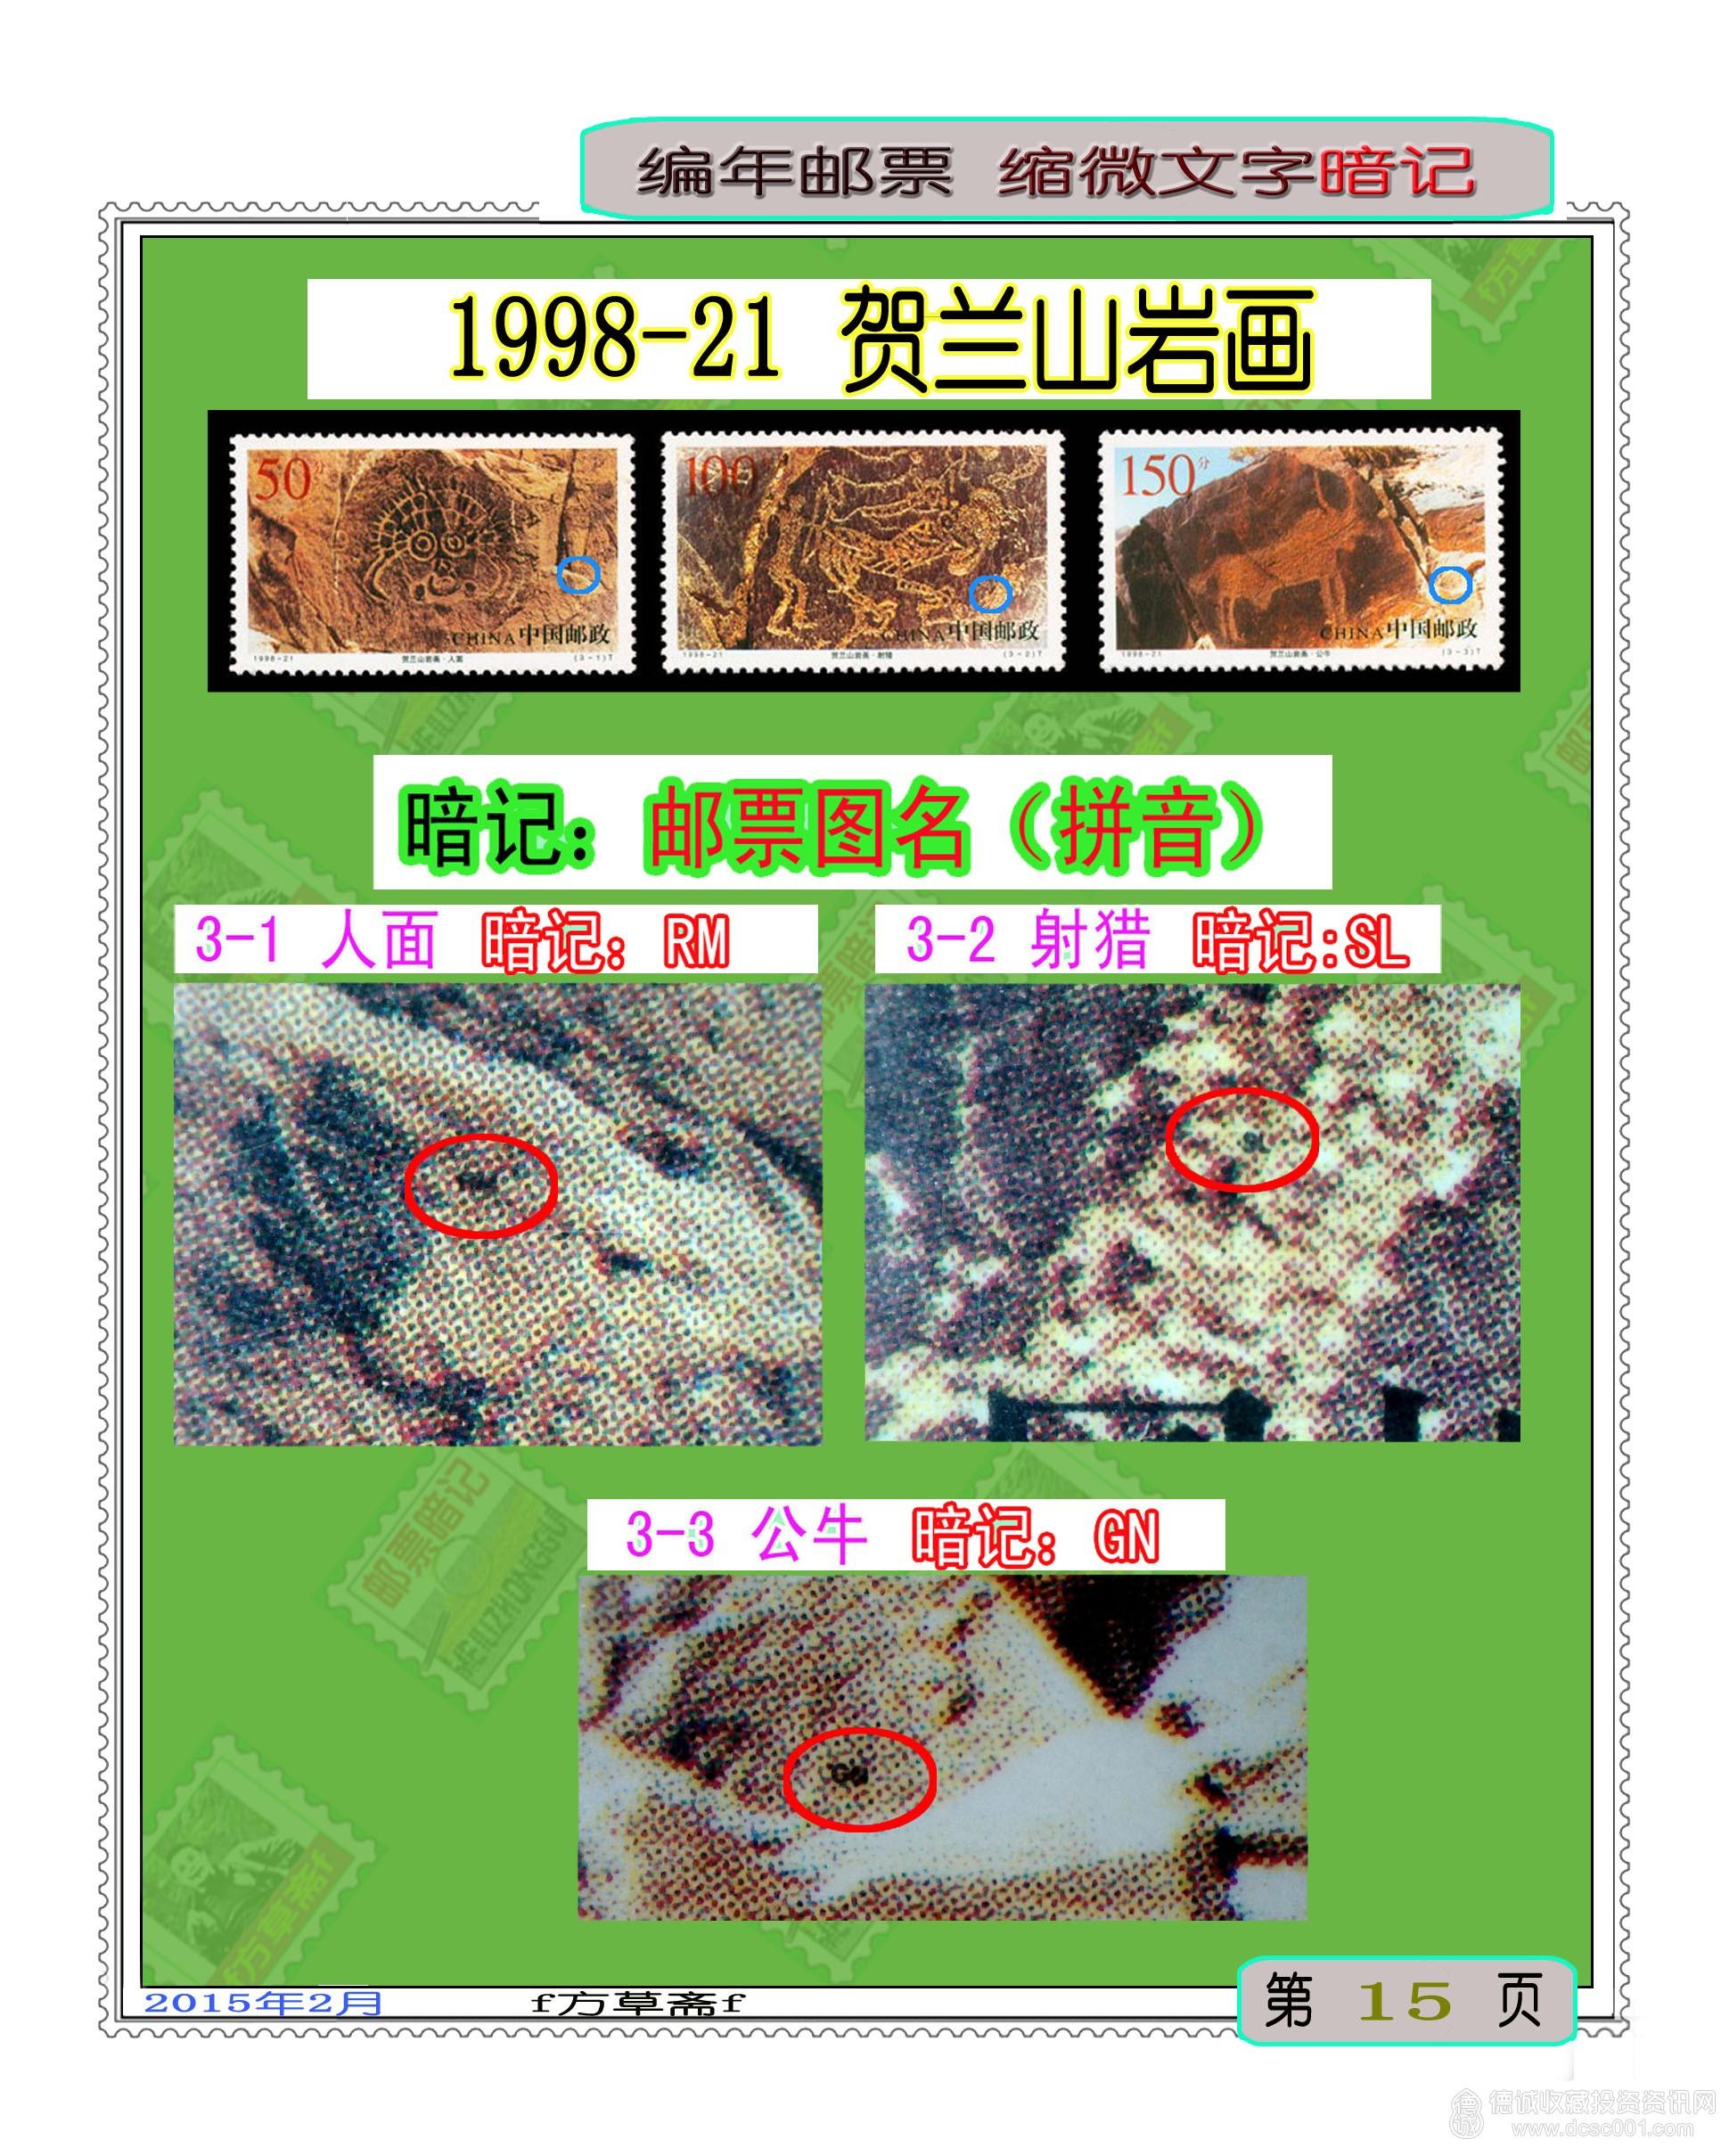 1998-21 贺兰山岩画(T).jpg